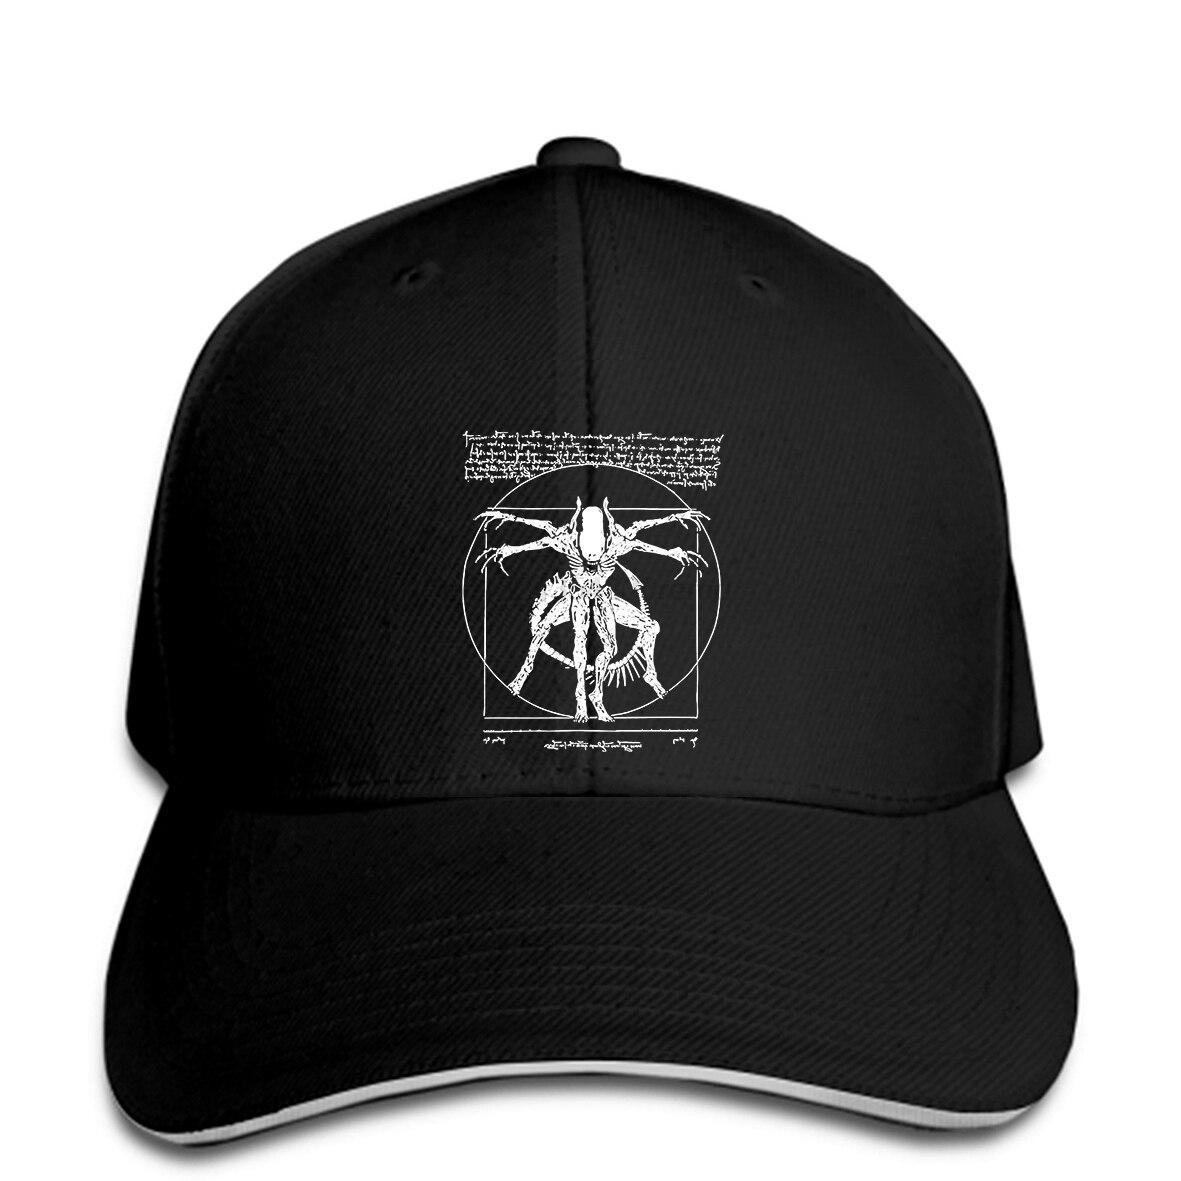 Gorra de béisbol de verano Slim cosas fornagers - Da Vinci alienígena-Gamer regalos para hombres sombrero del Snapback alcanzó su punto máximo